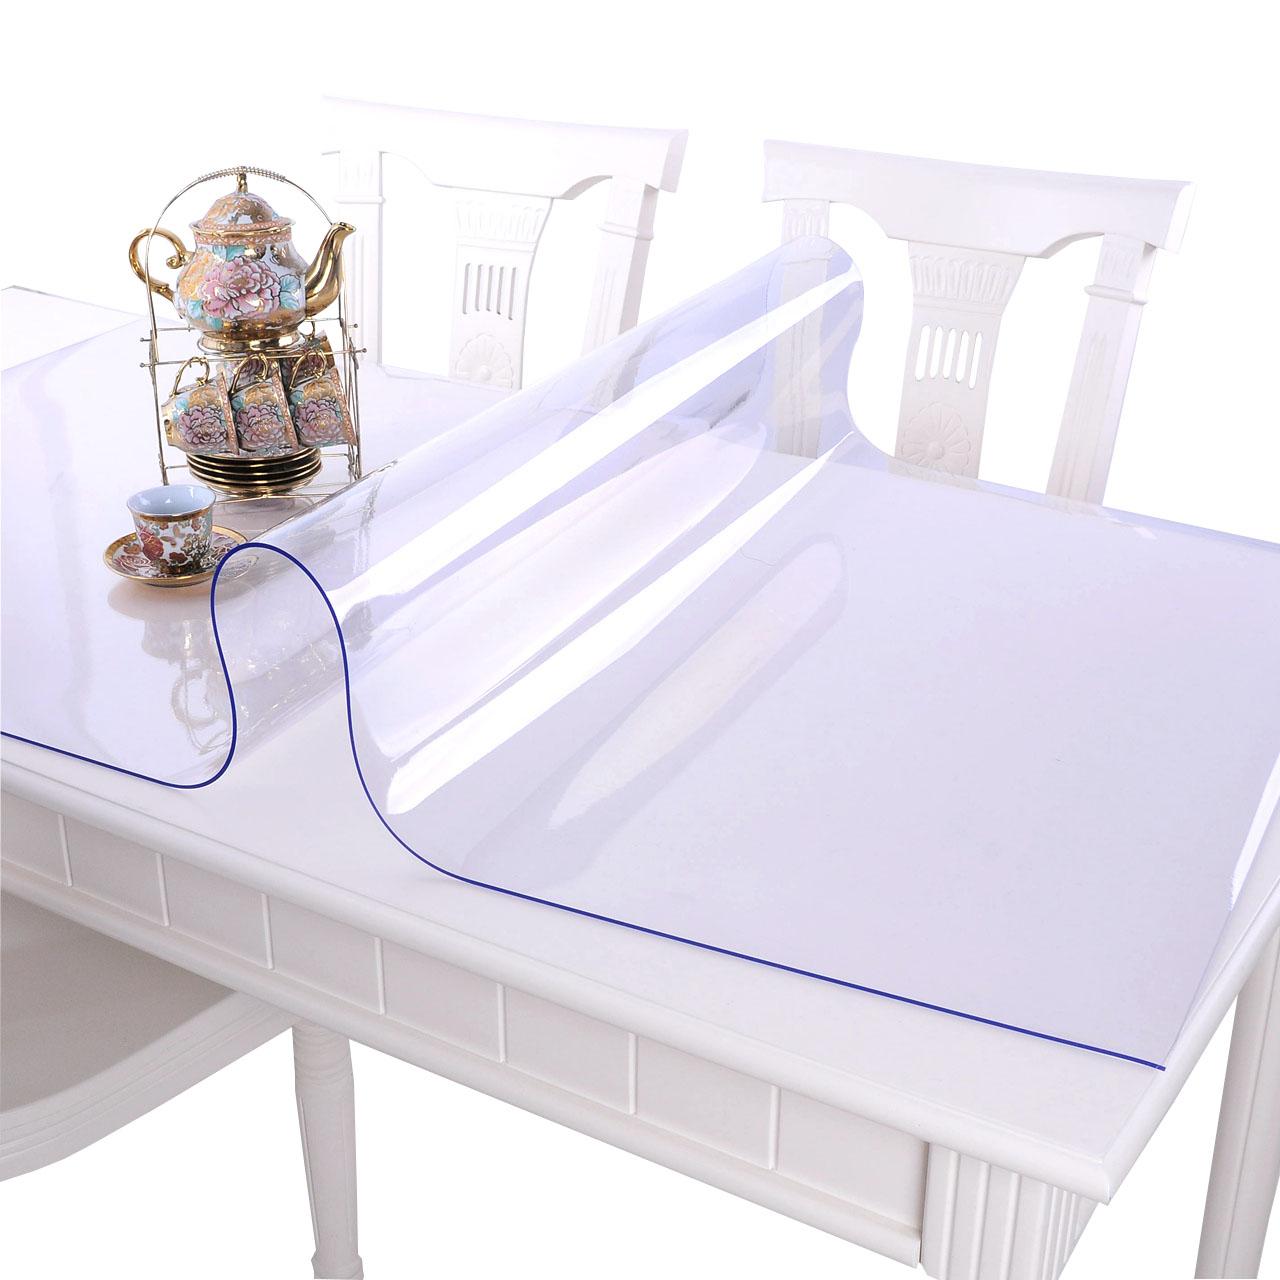 软玻璃PVC桌布防水防烫防油免洗塑料透明餐桌垫茶几网红厚水晶板